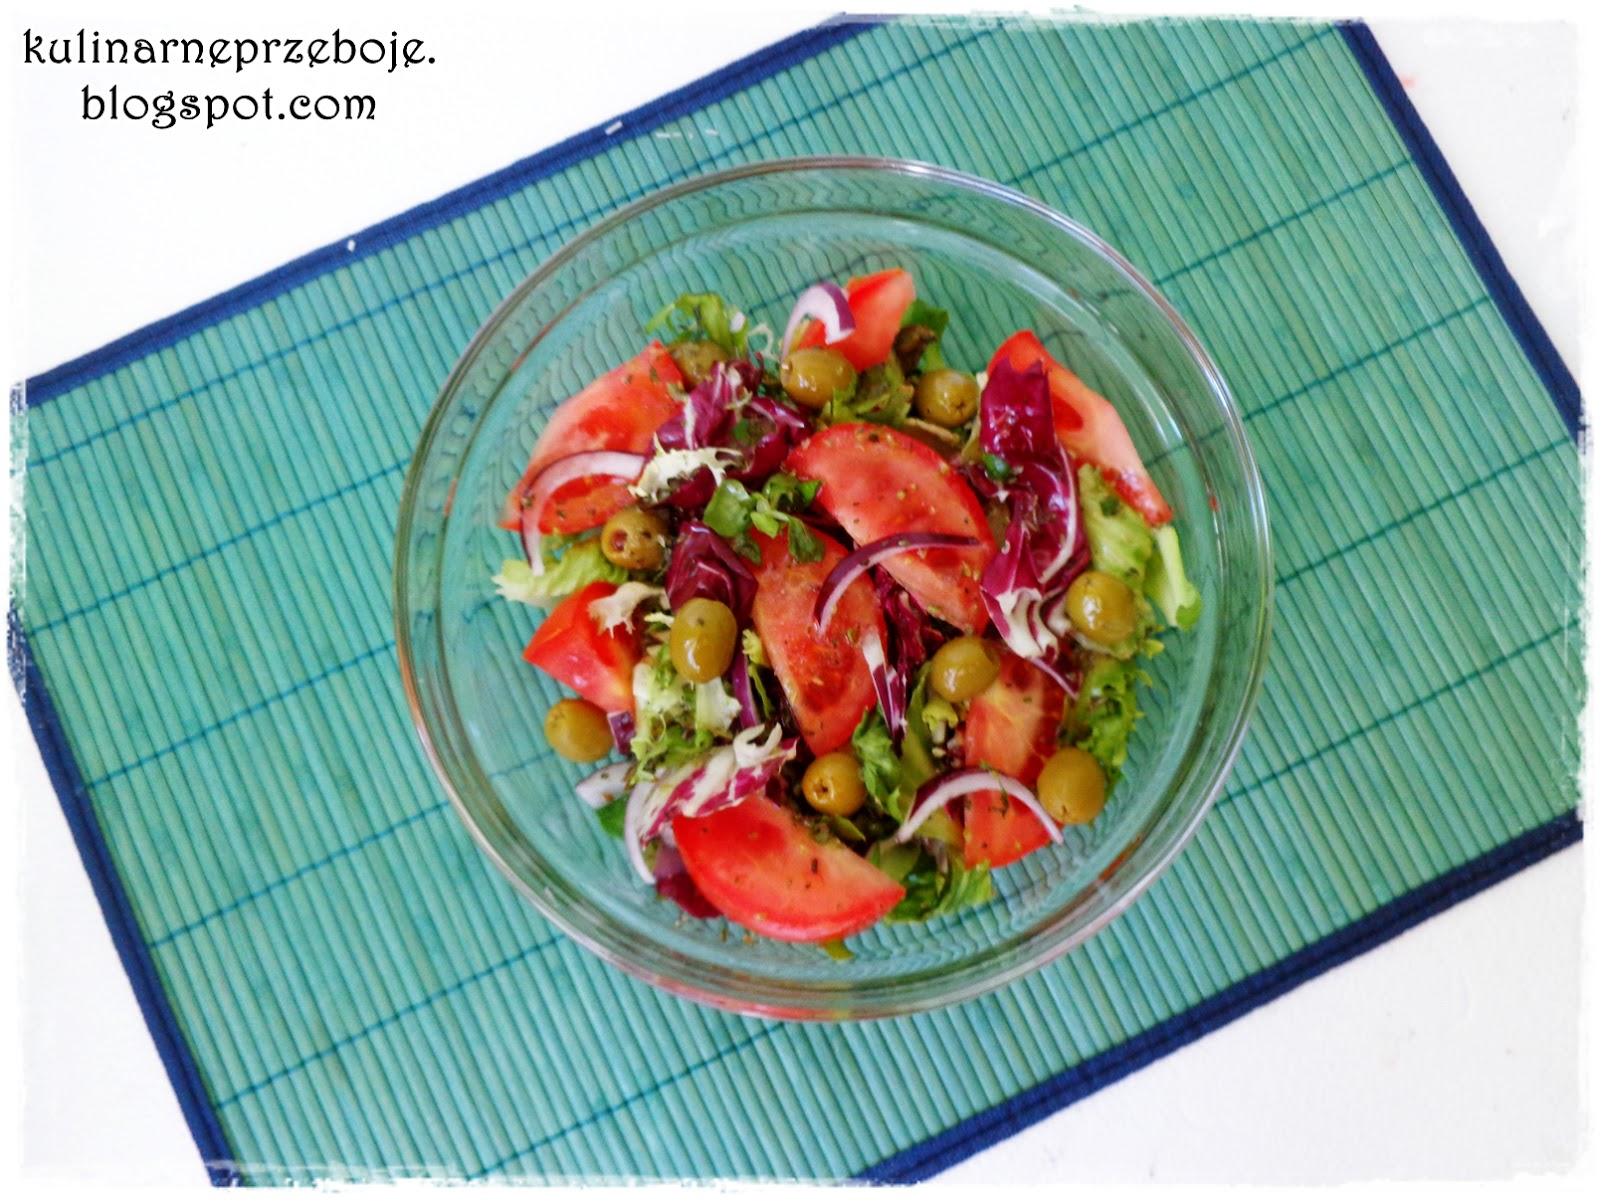 Szybka i prosta sałatka z pomidorami, czerwoną cebulą i zielonymi oliwkami